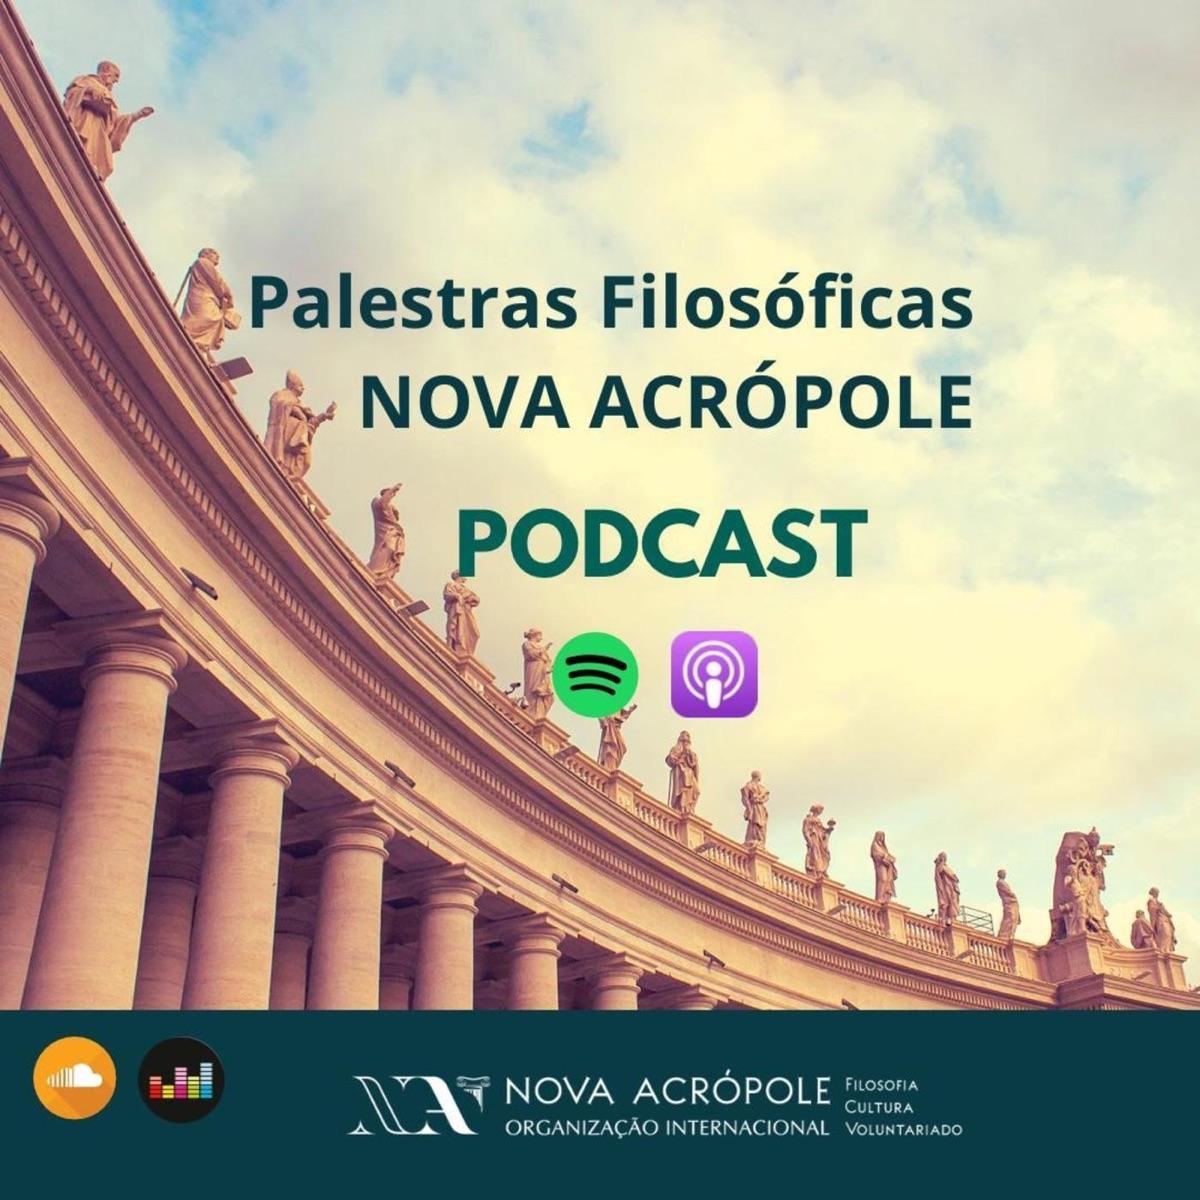 Palestras Filosóficas Nova Acrópole